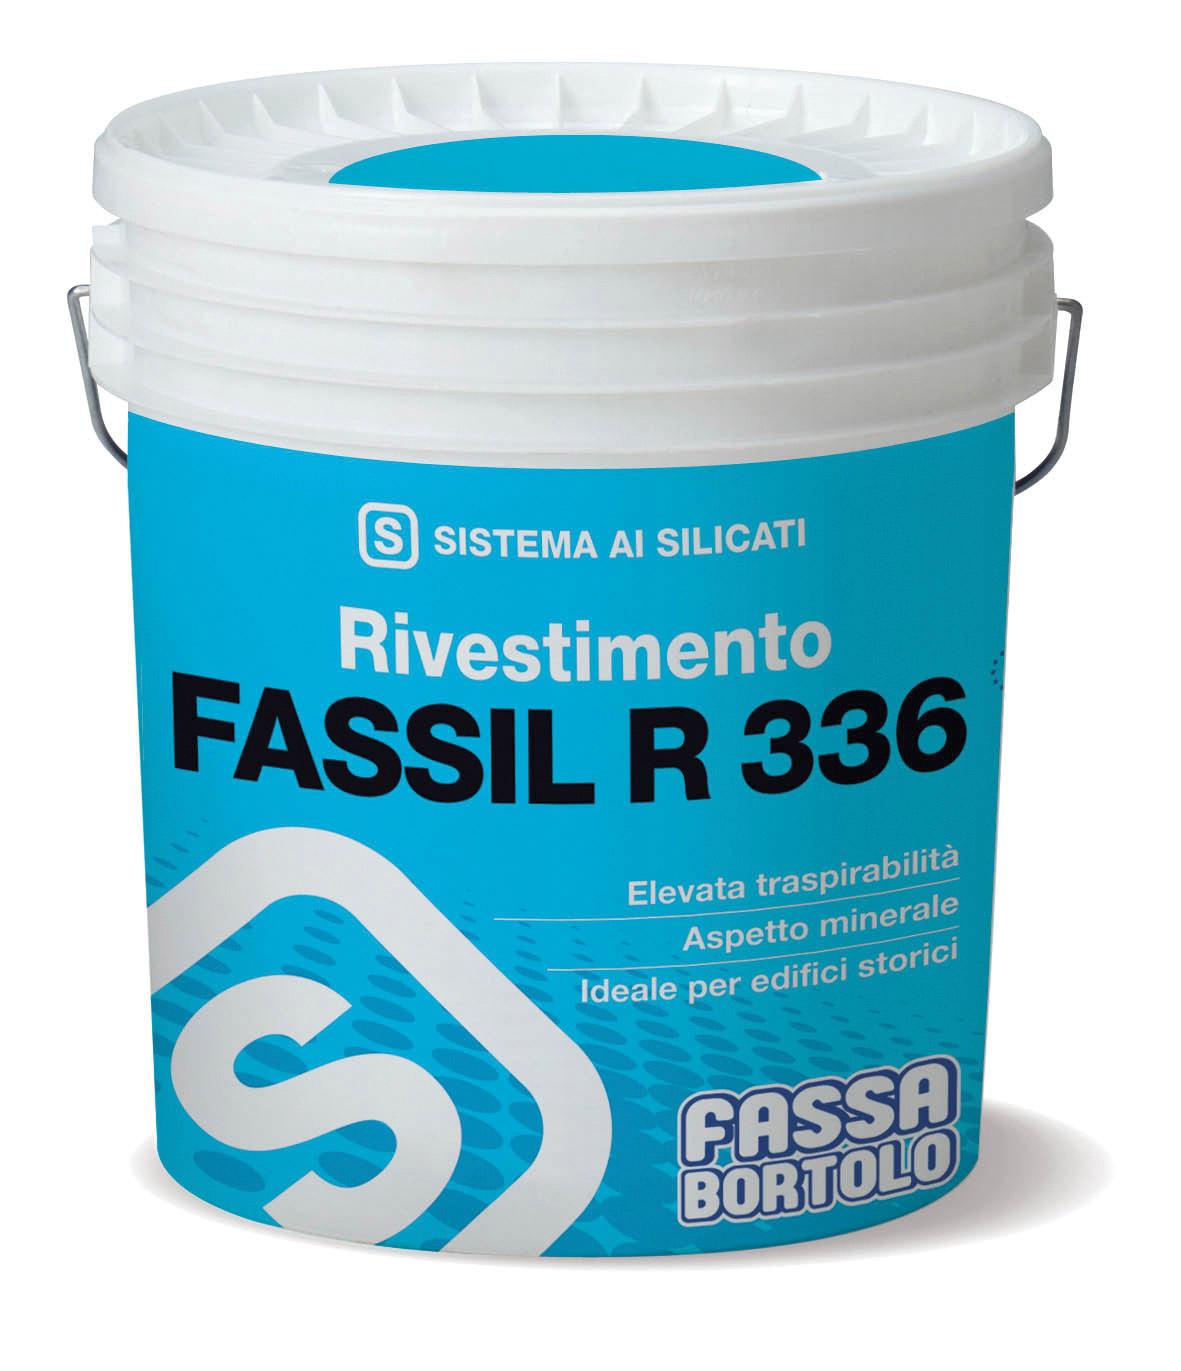 FASSIL R 336: Mineralischer Strukturdeckputz auf Silikatbasis, in Vollabrieb